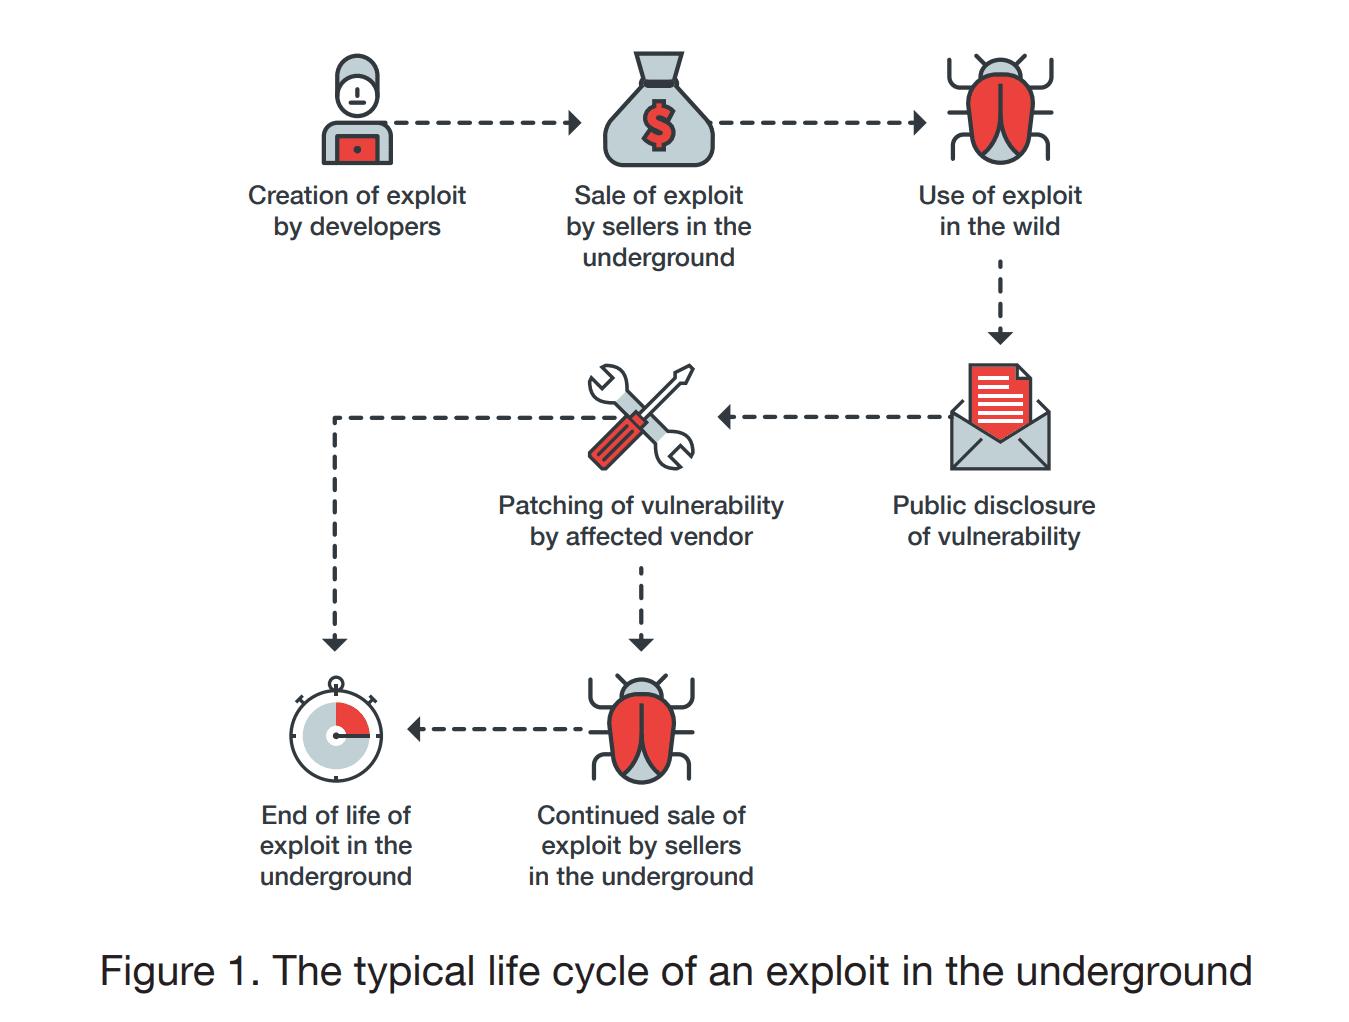 Типичный жизненный цикл эксплойта. Источник (здесь и далее, если не указано иное): Trend Micro